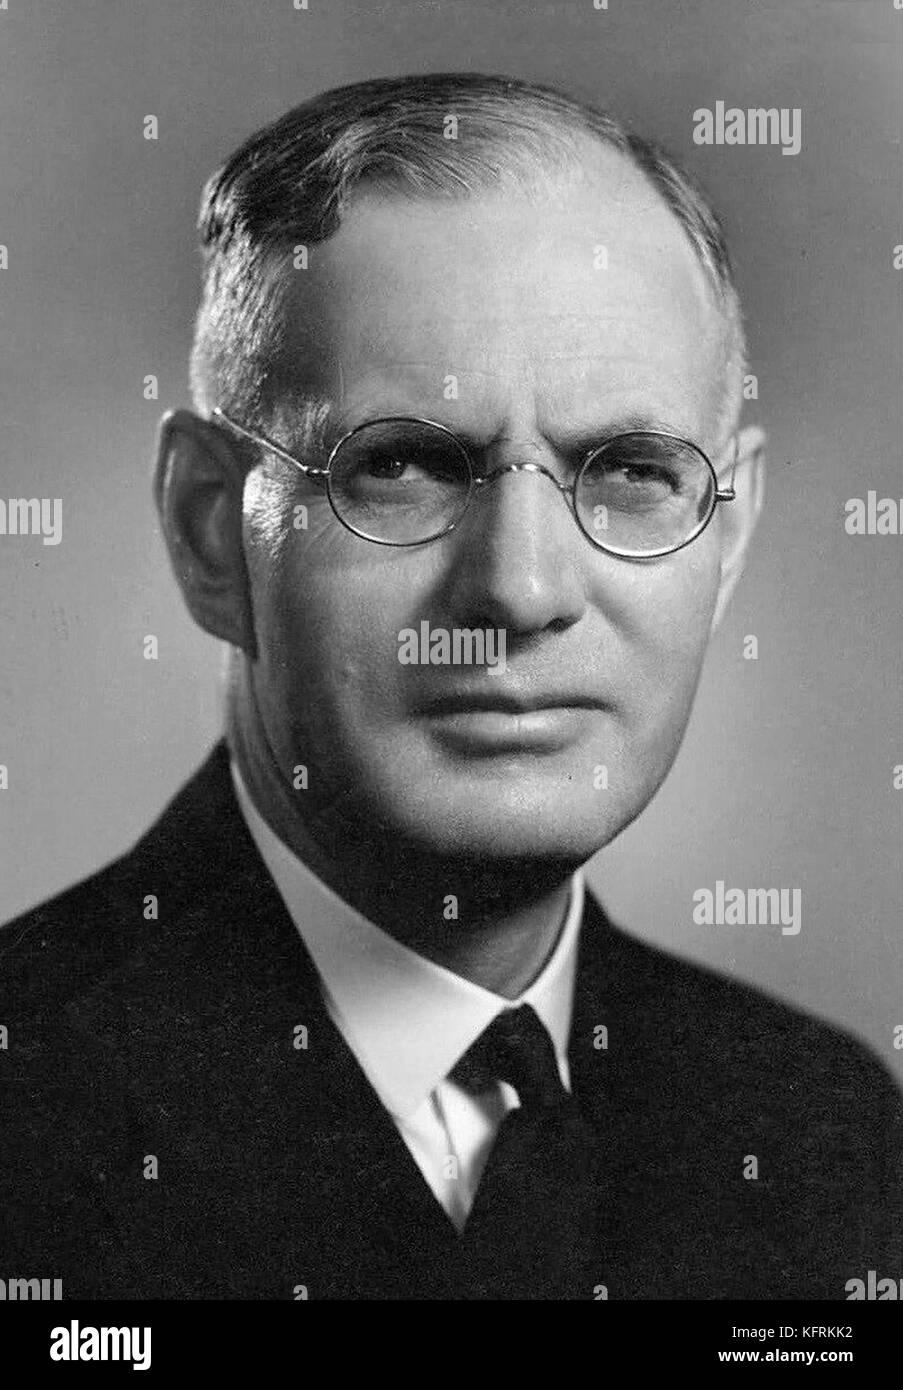 John Joseph Ambrose Curtin, 14th Prime Minister of Australia - Stock Image